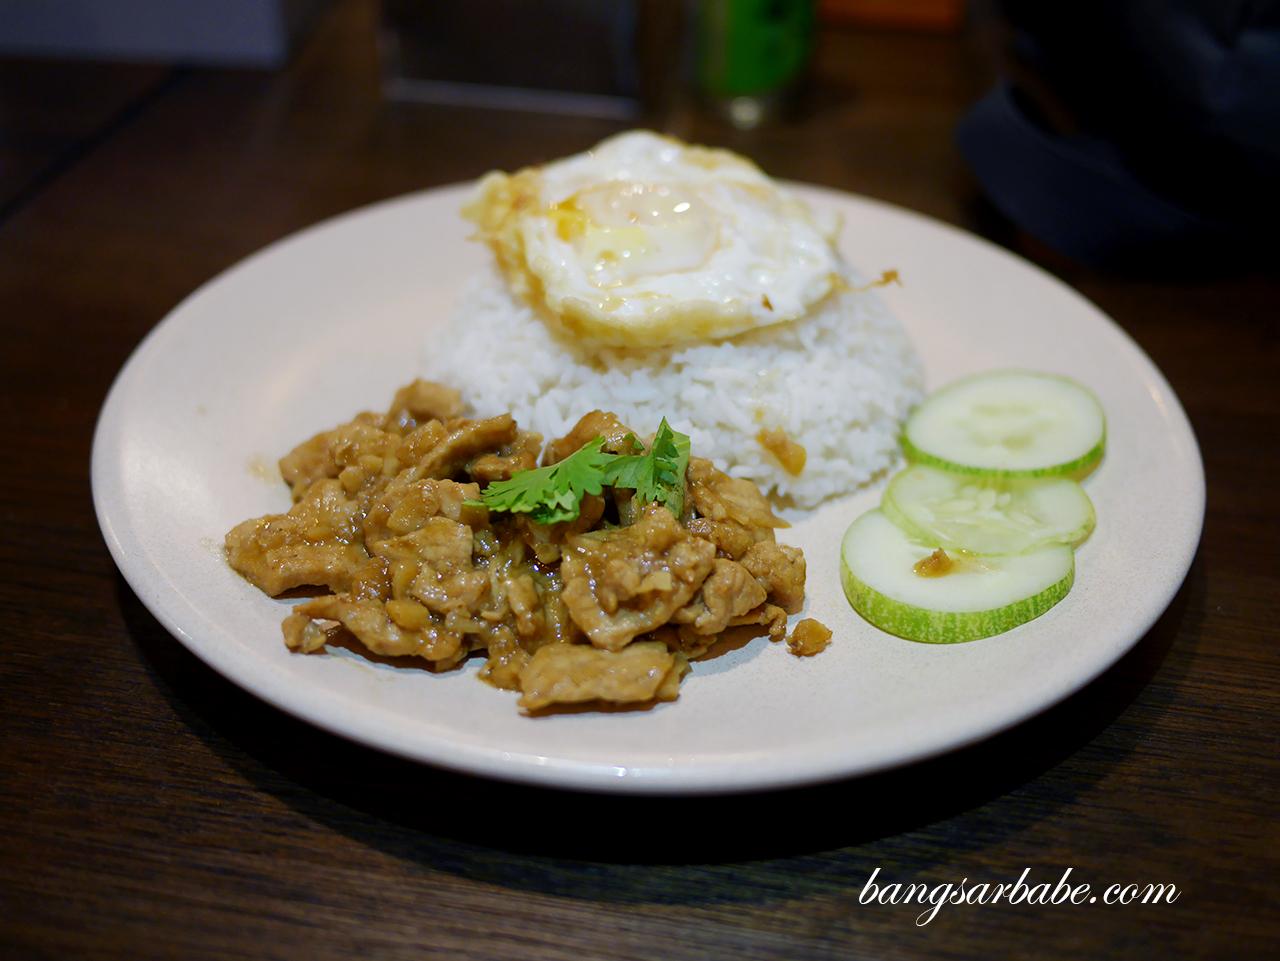 Boran Classic Thai Street Food Seapark Pj Bangsar Babe